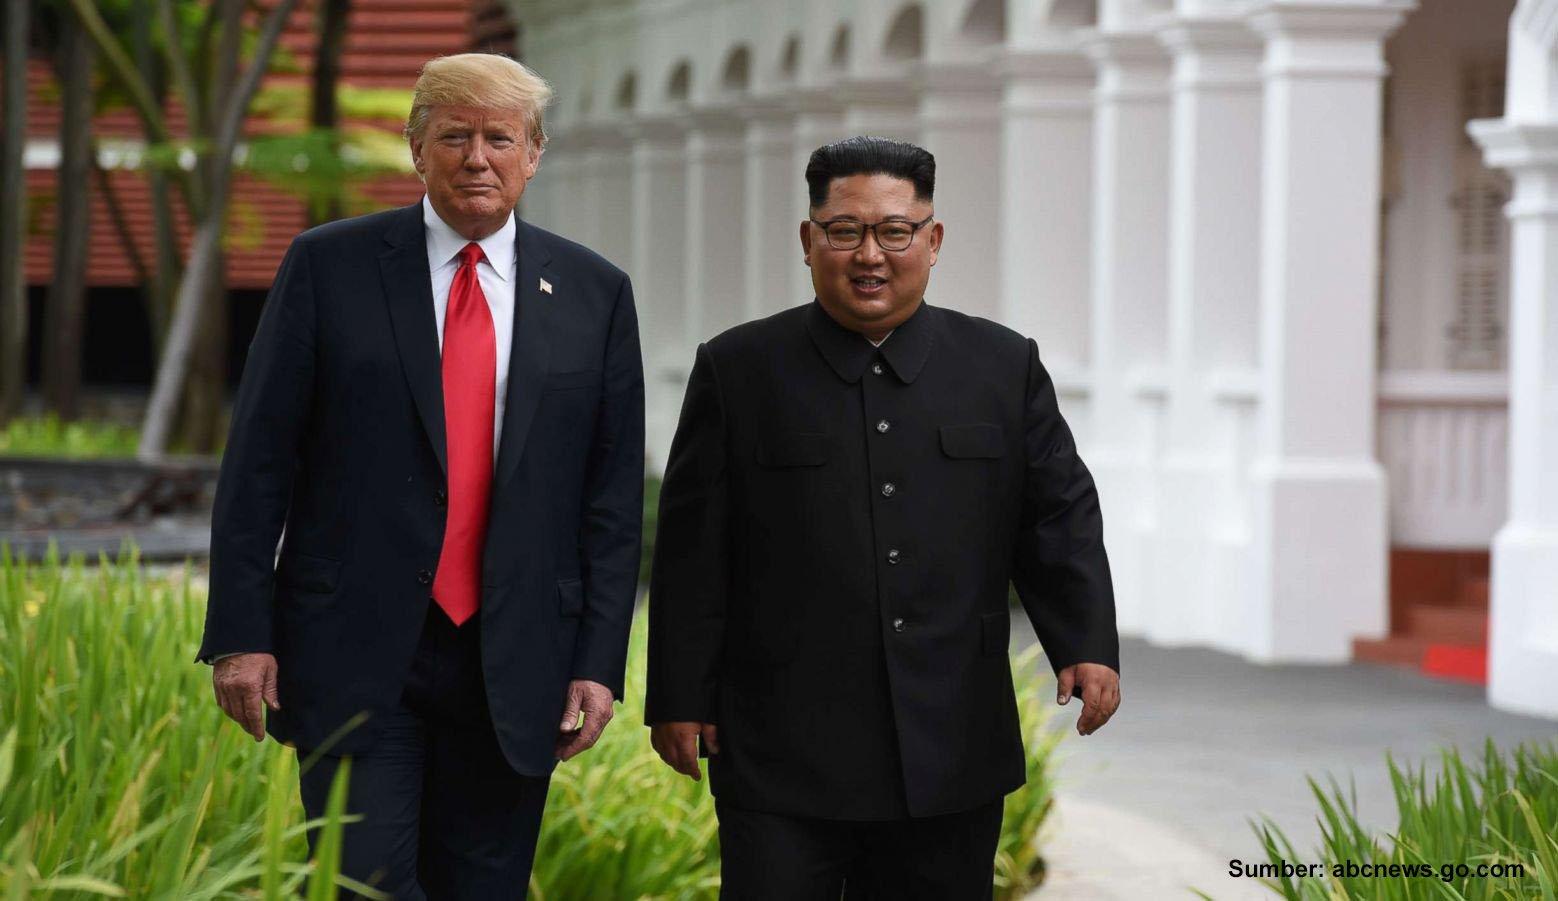 pemimpin negara tergemuk di dunia